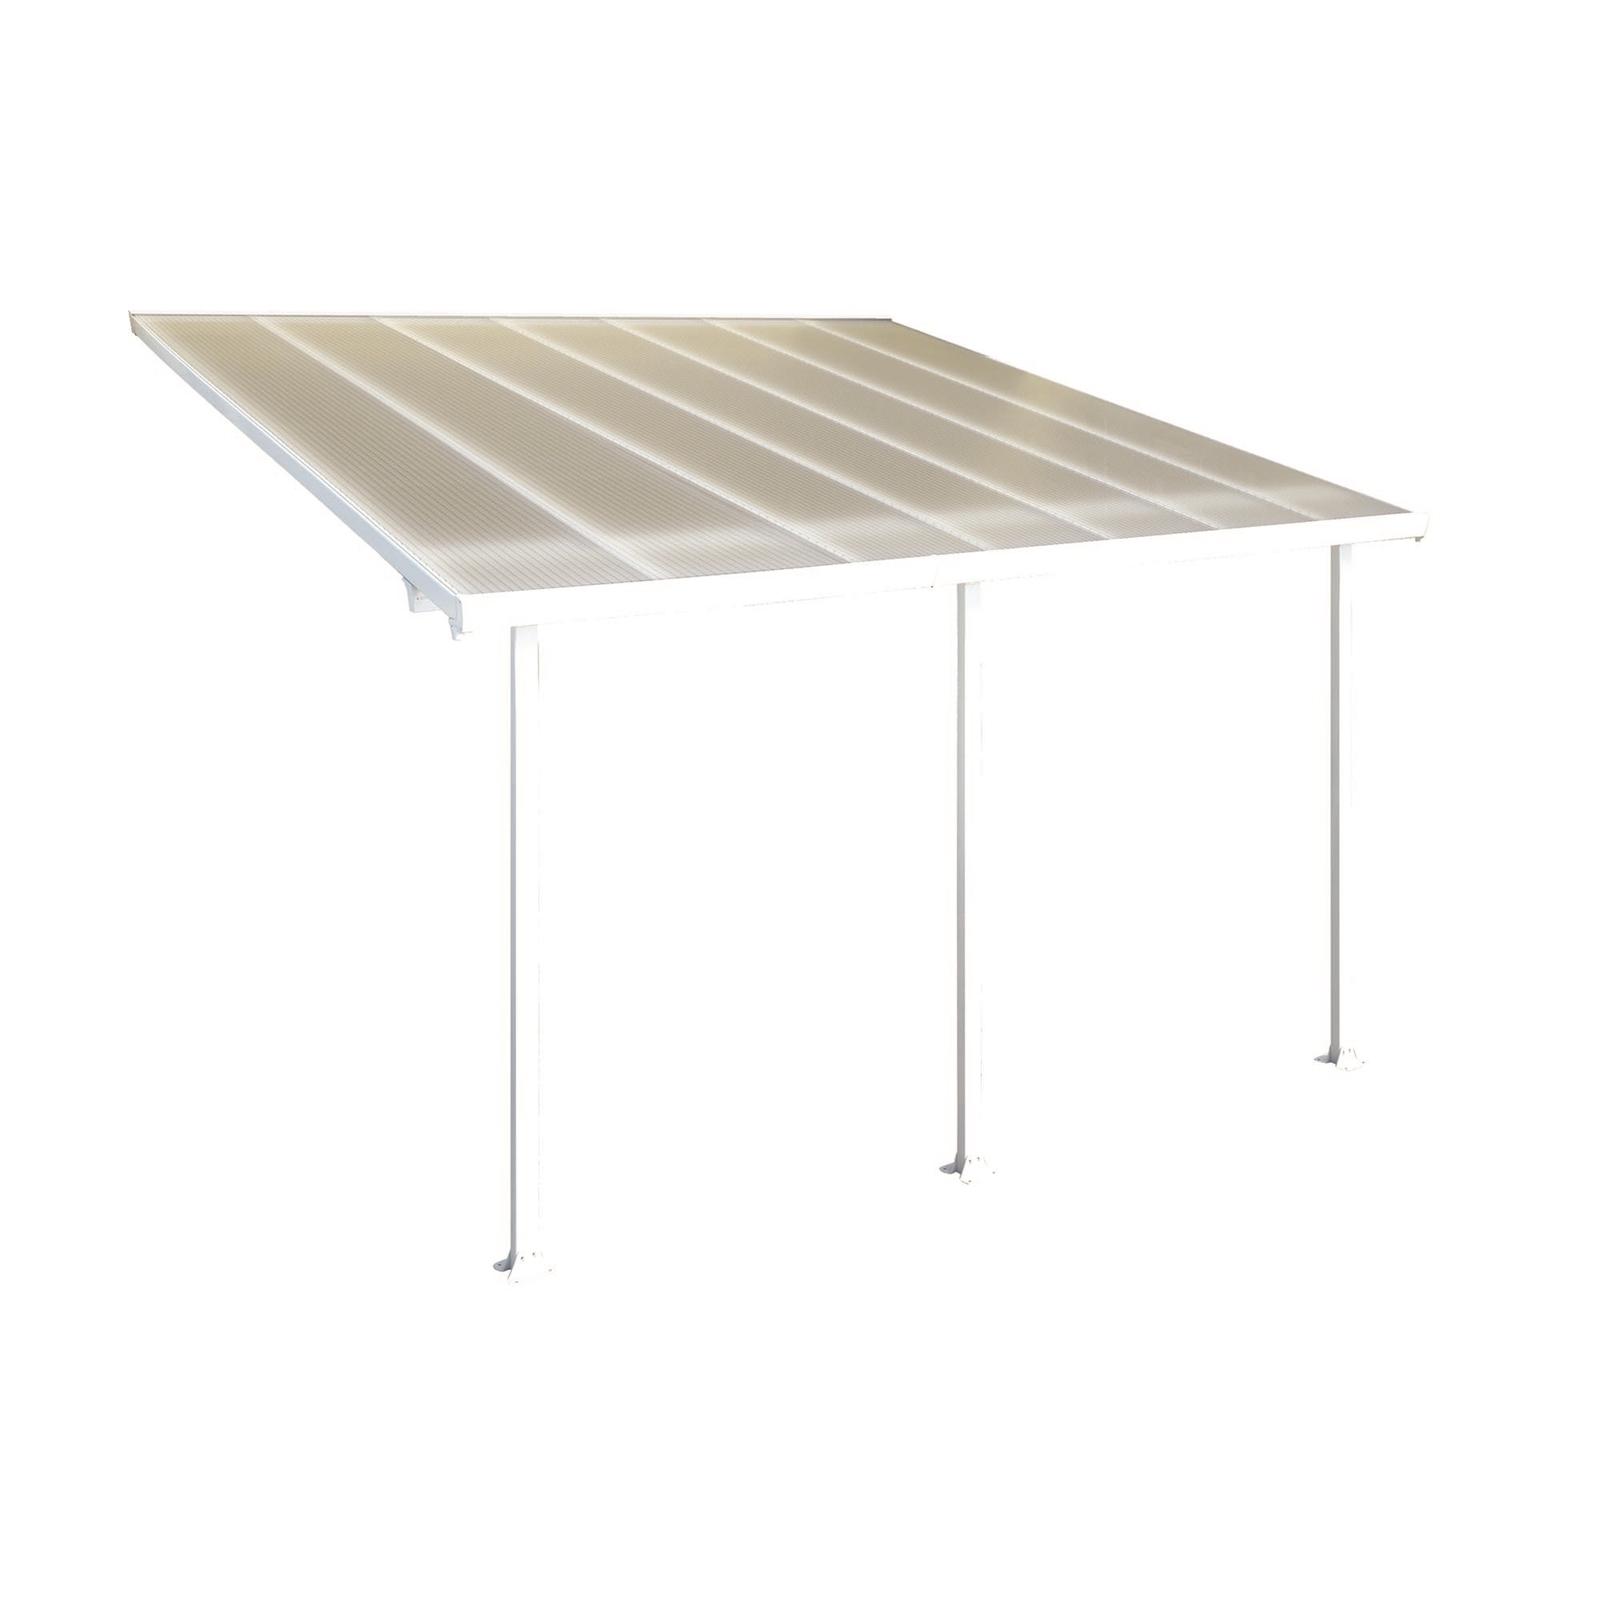 Palram 3 x 3 x 4.25m DIY White/Clear DIY Pergola Kit